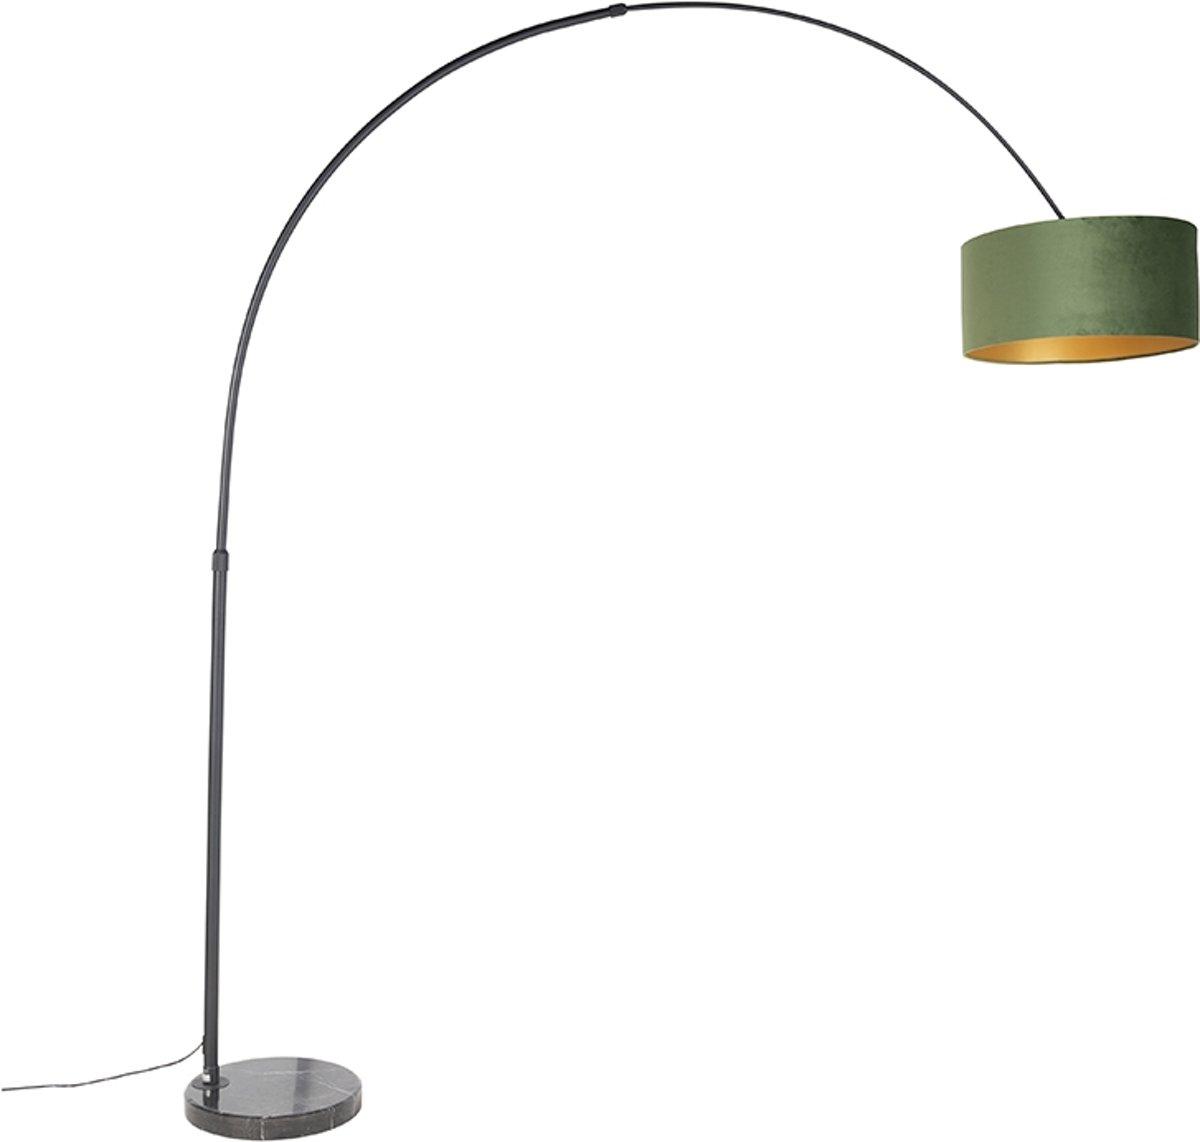 QAZQA xxl fl - Vloerlamp met lampenkap - 1 lichts - H 2250 mm - Groen kopen